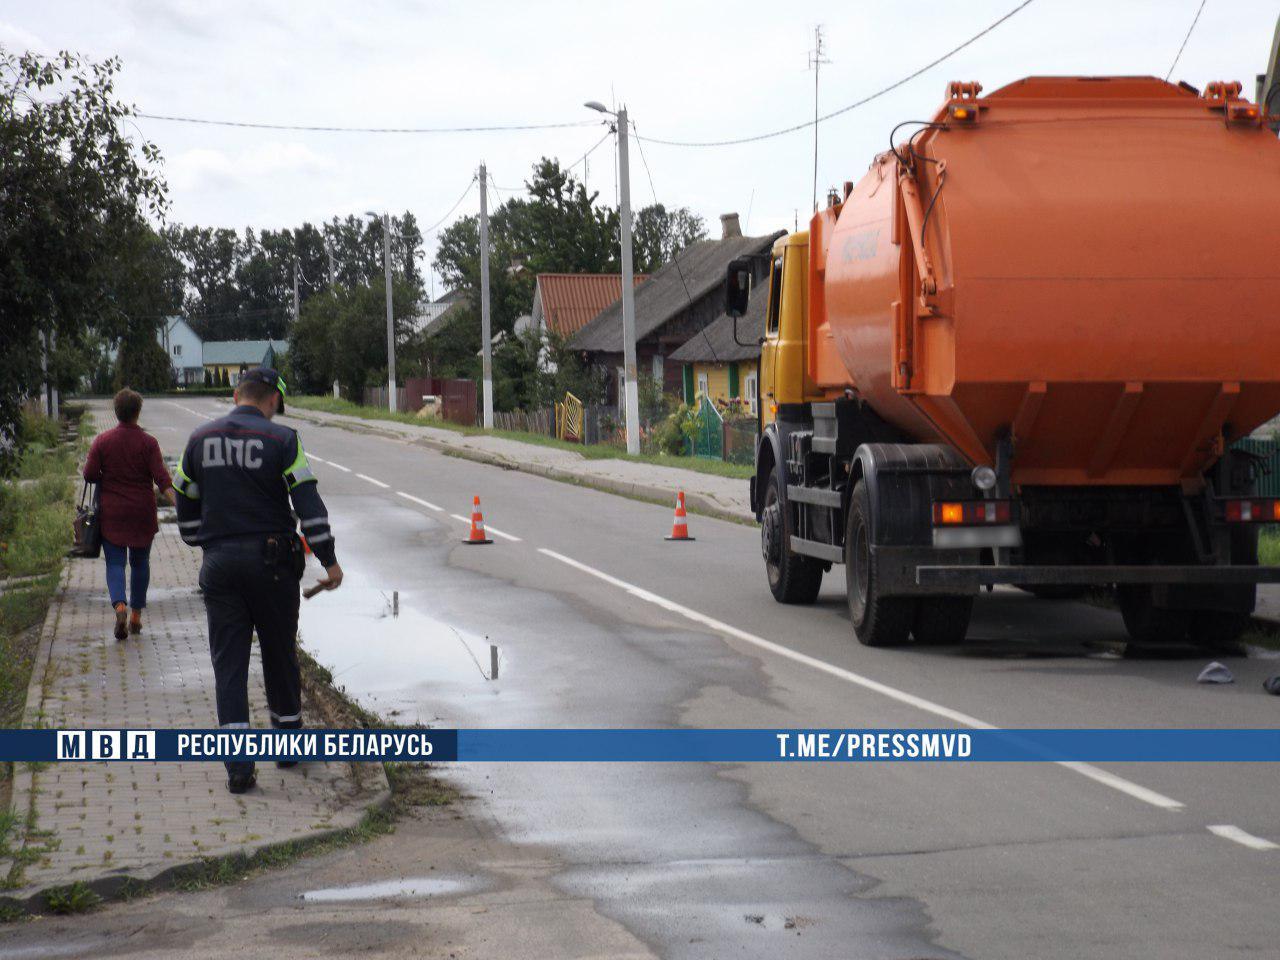 В Клецке погиб парень из Ляховичей, который проходил альтернативную службу